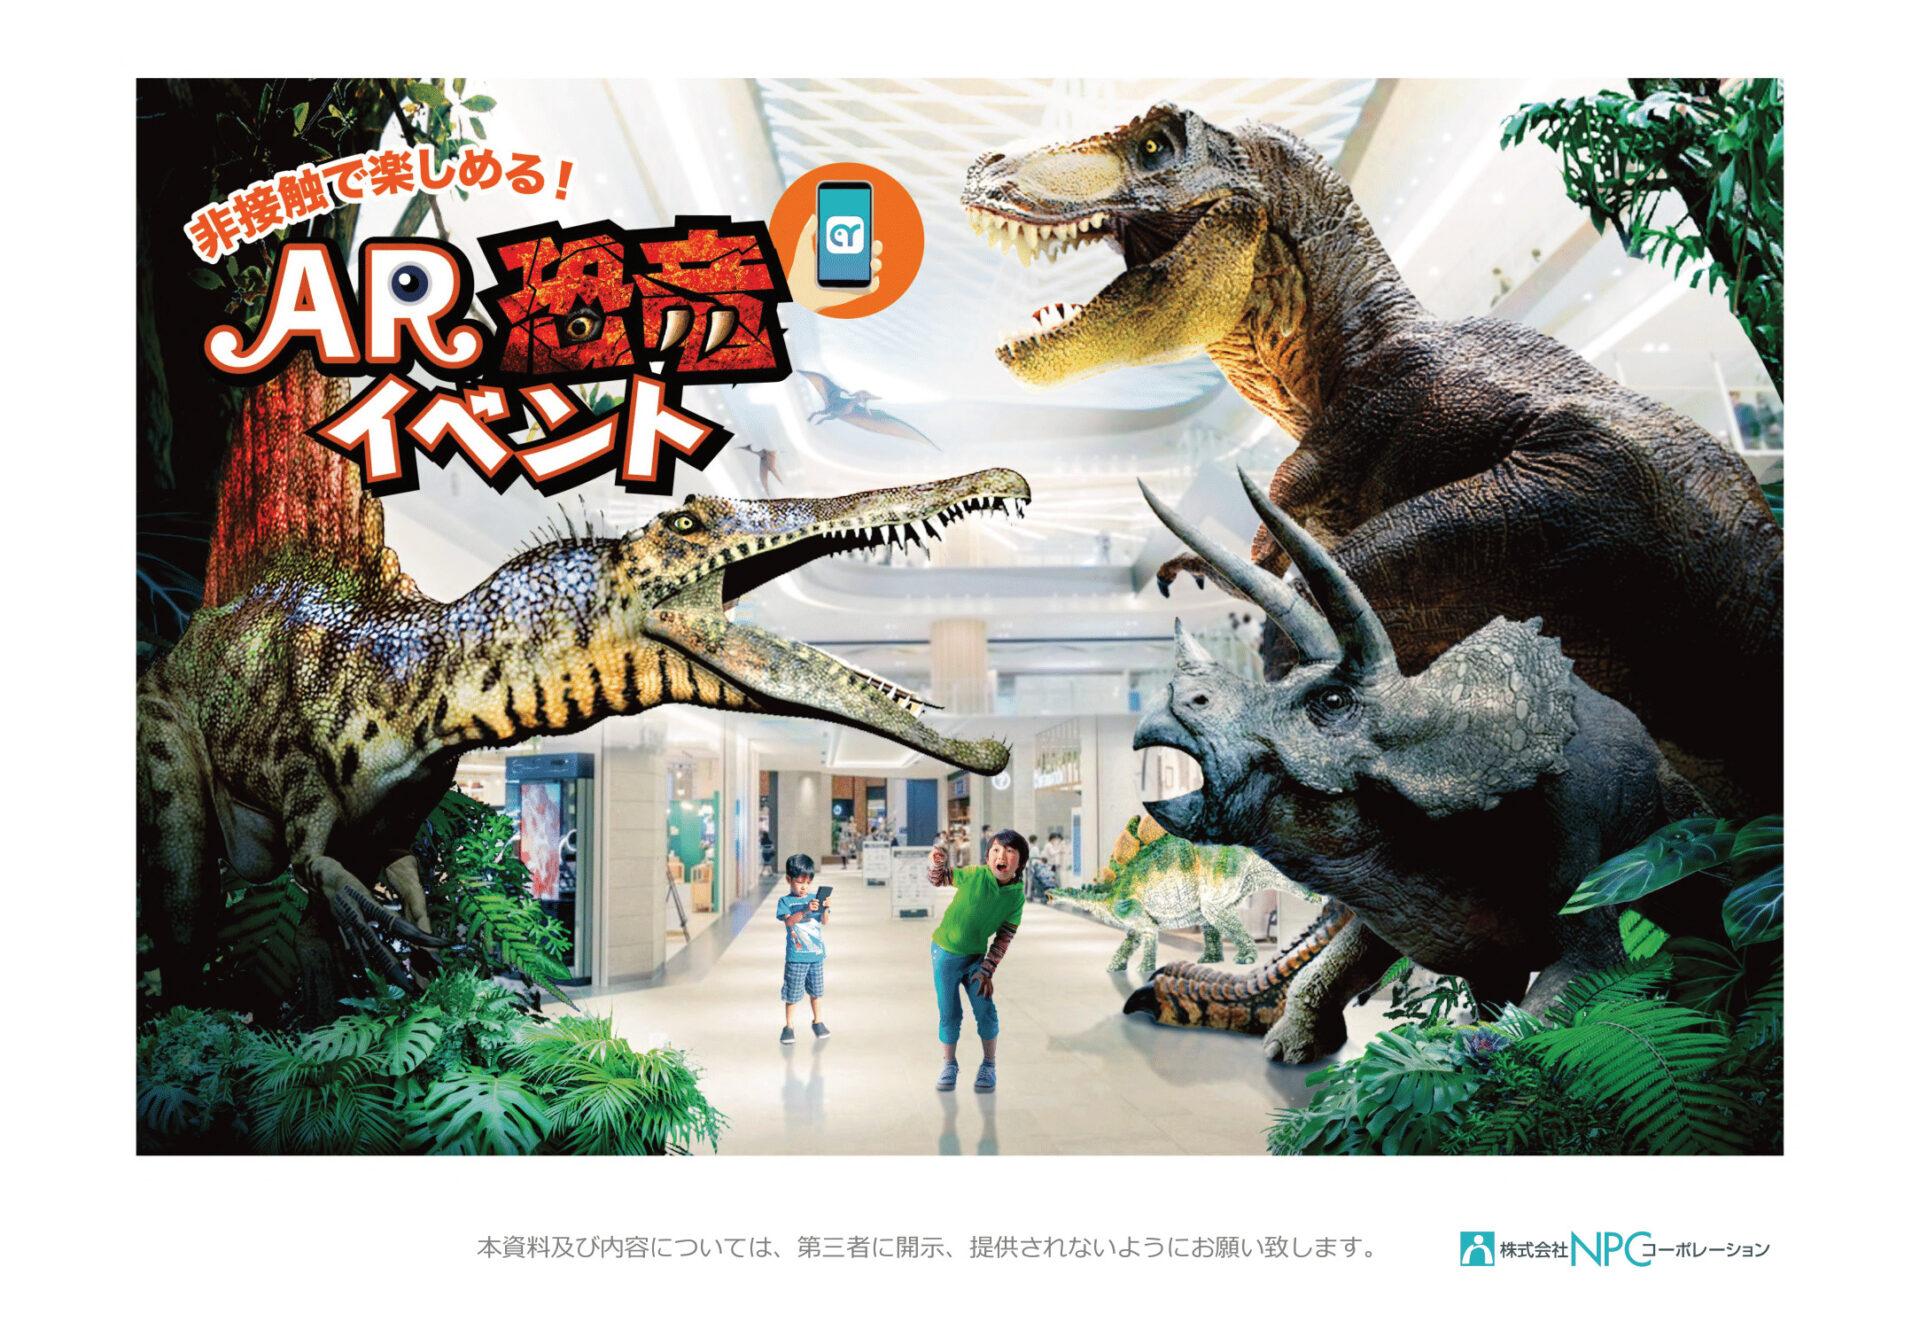 AR恐竜イベント表紙